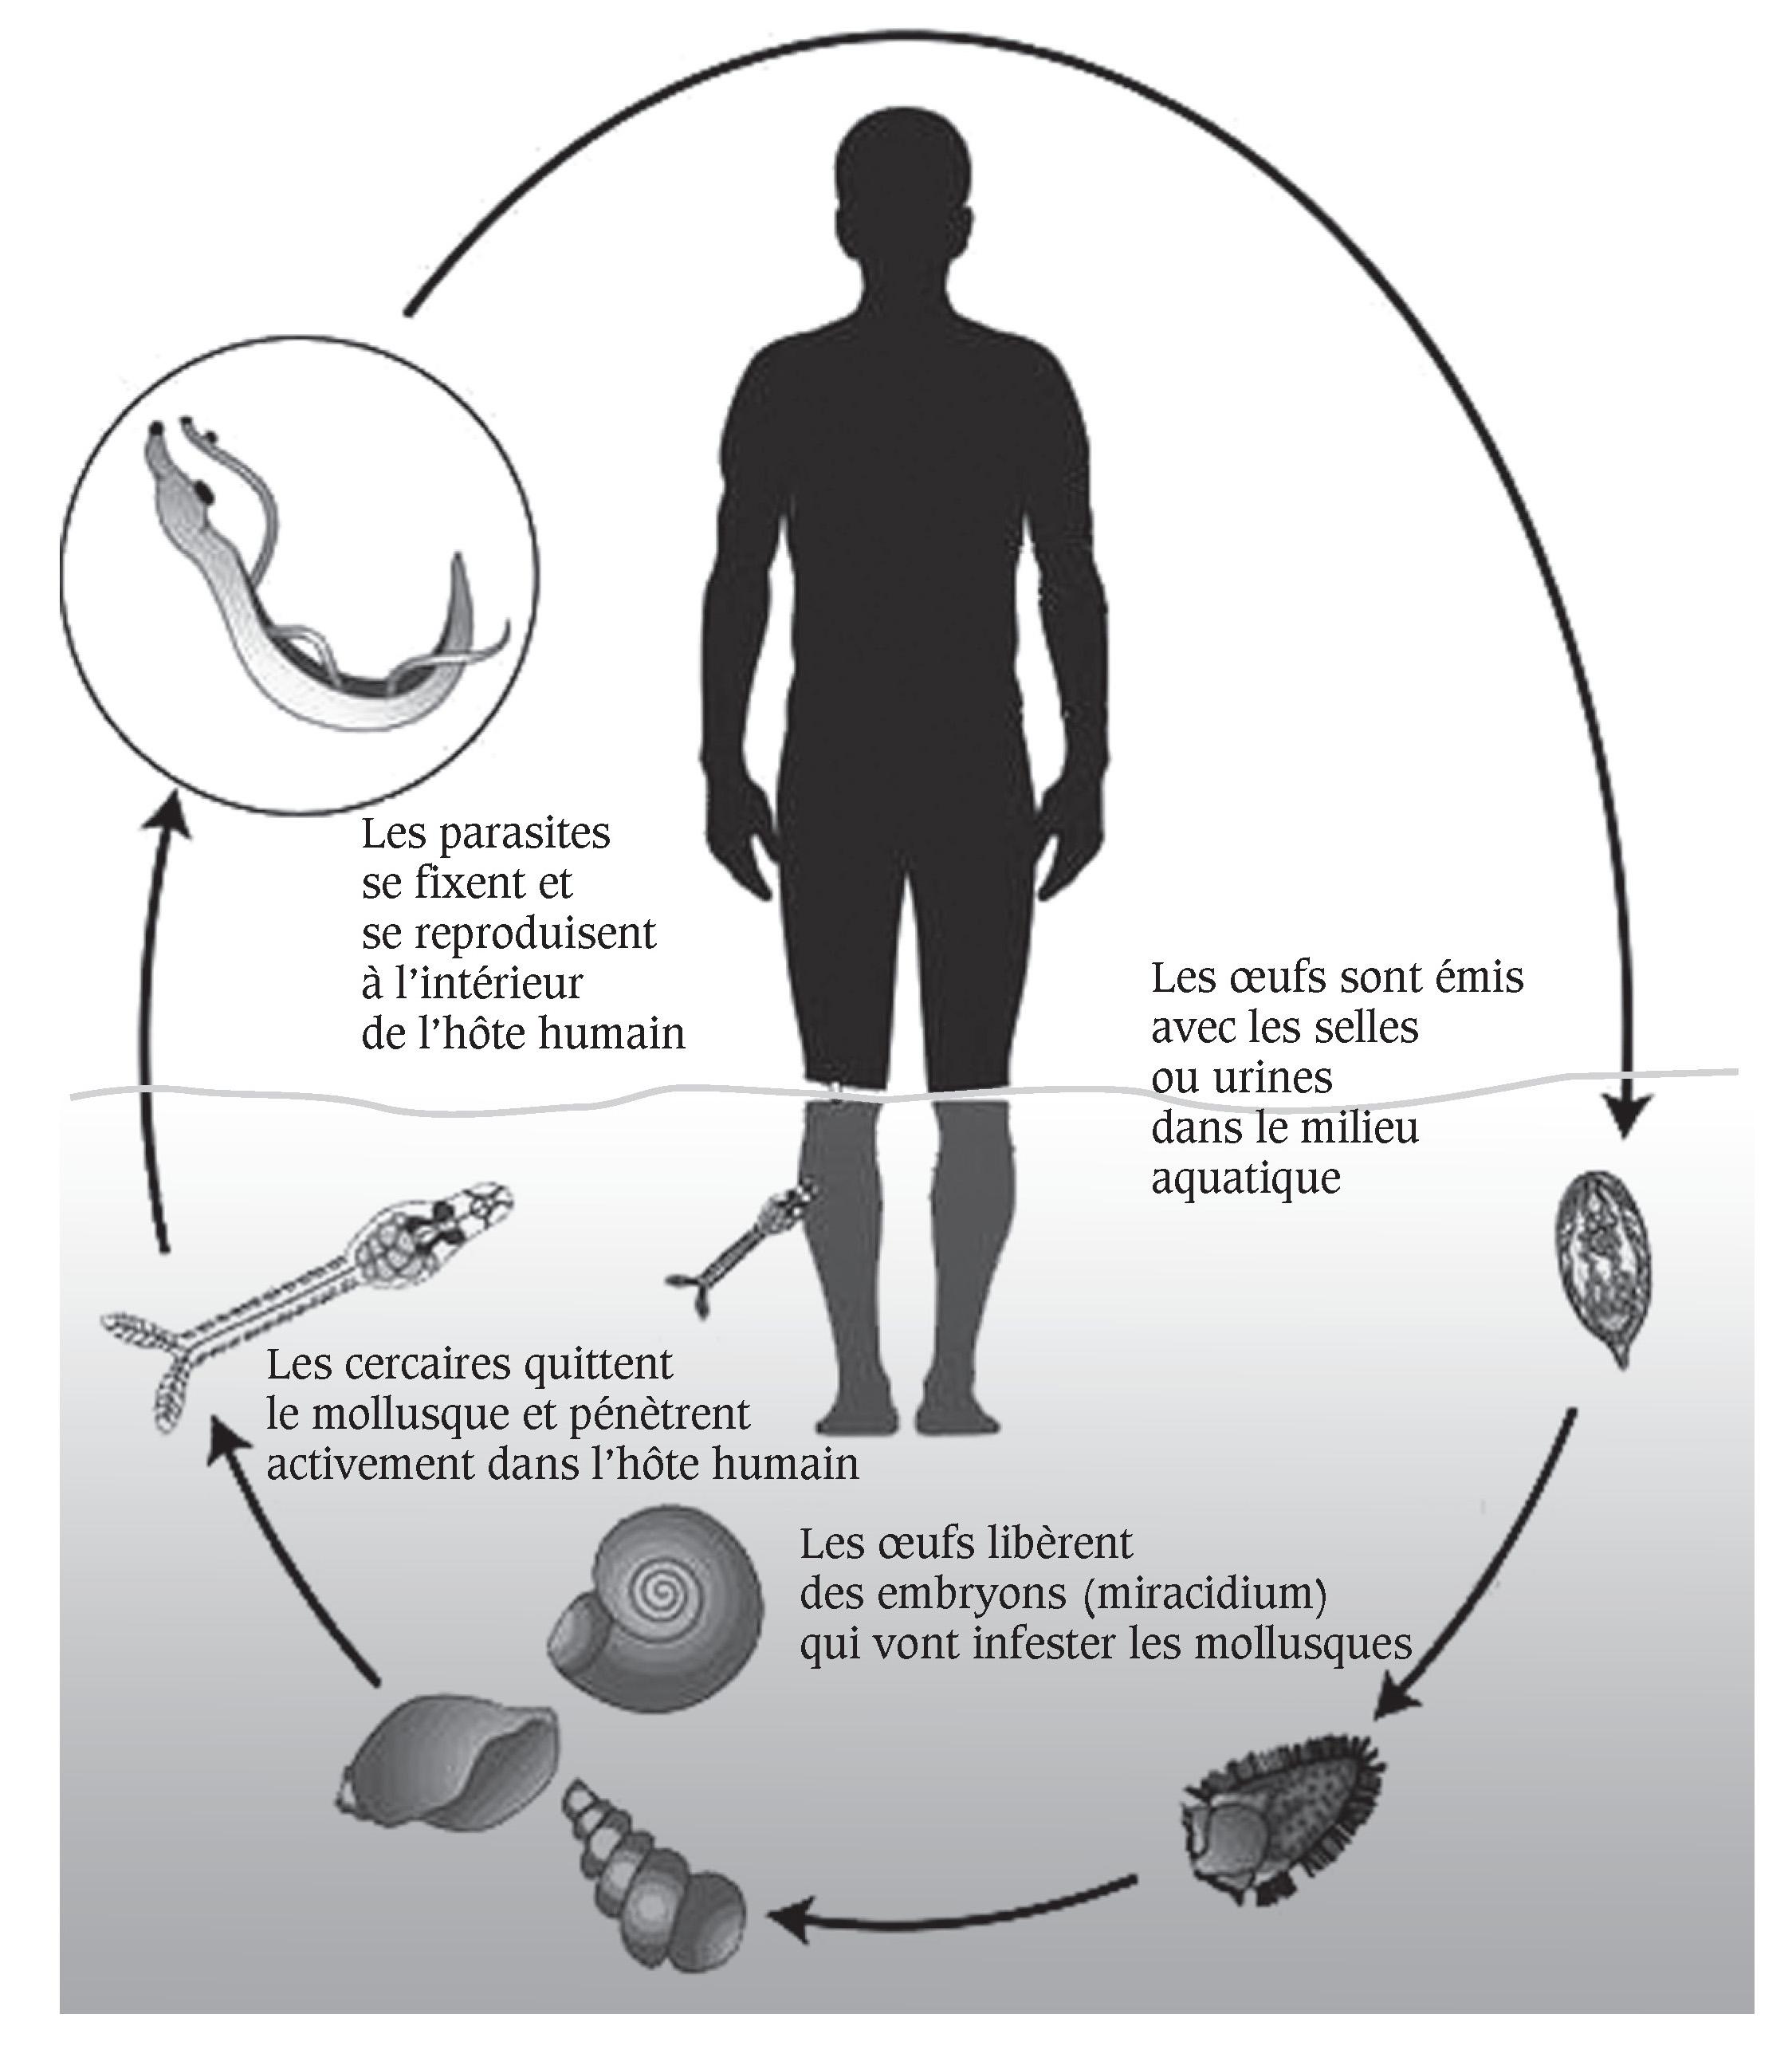 """Résultat de recherche d'images pour """"schistosomiase humaine"""""""